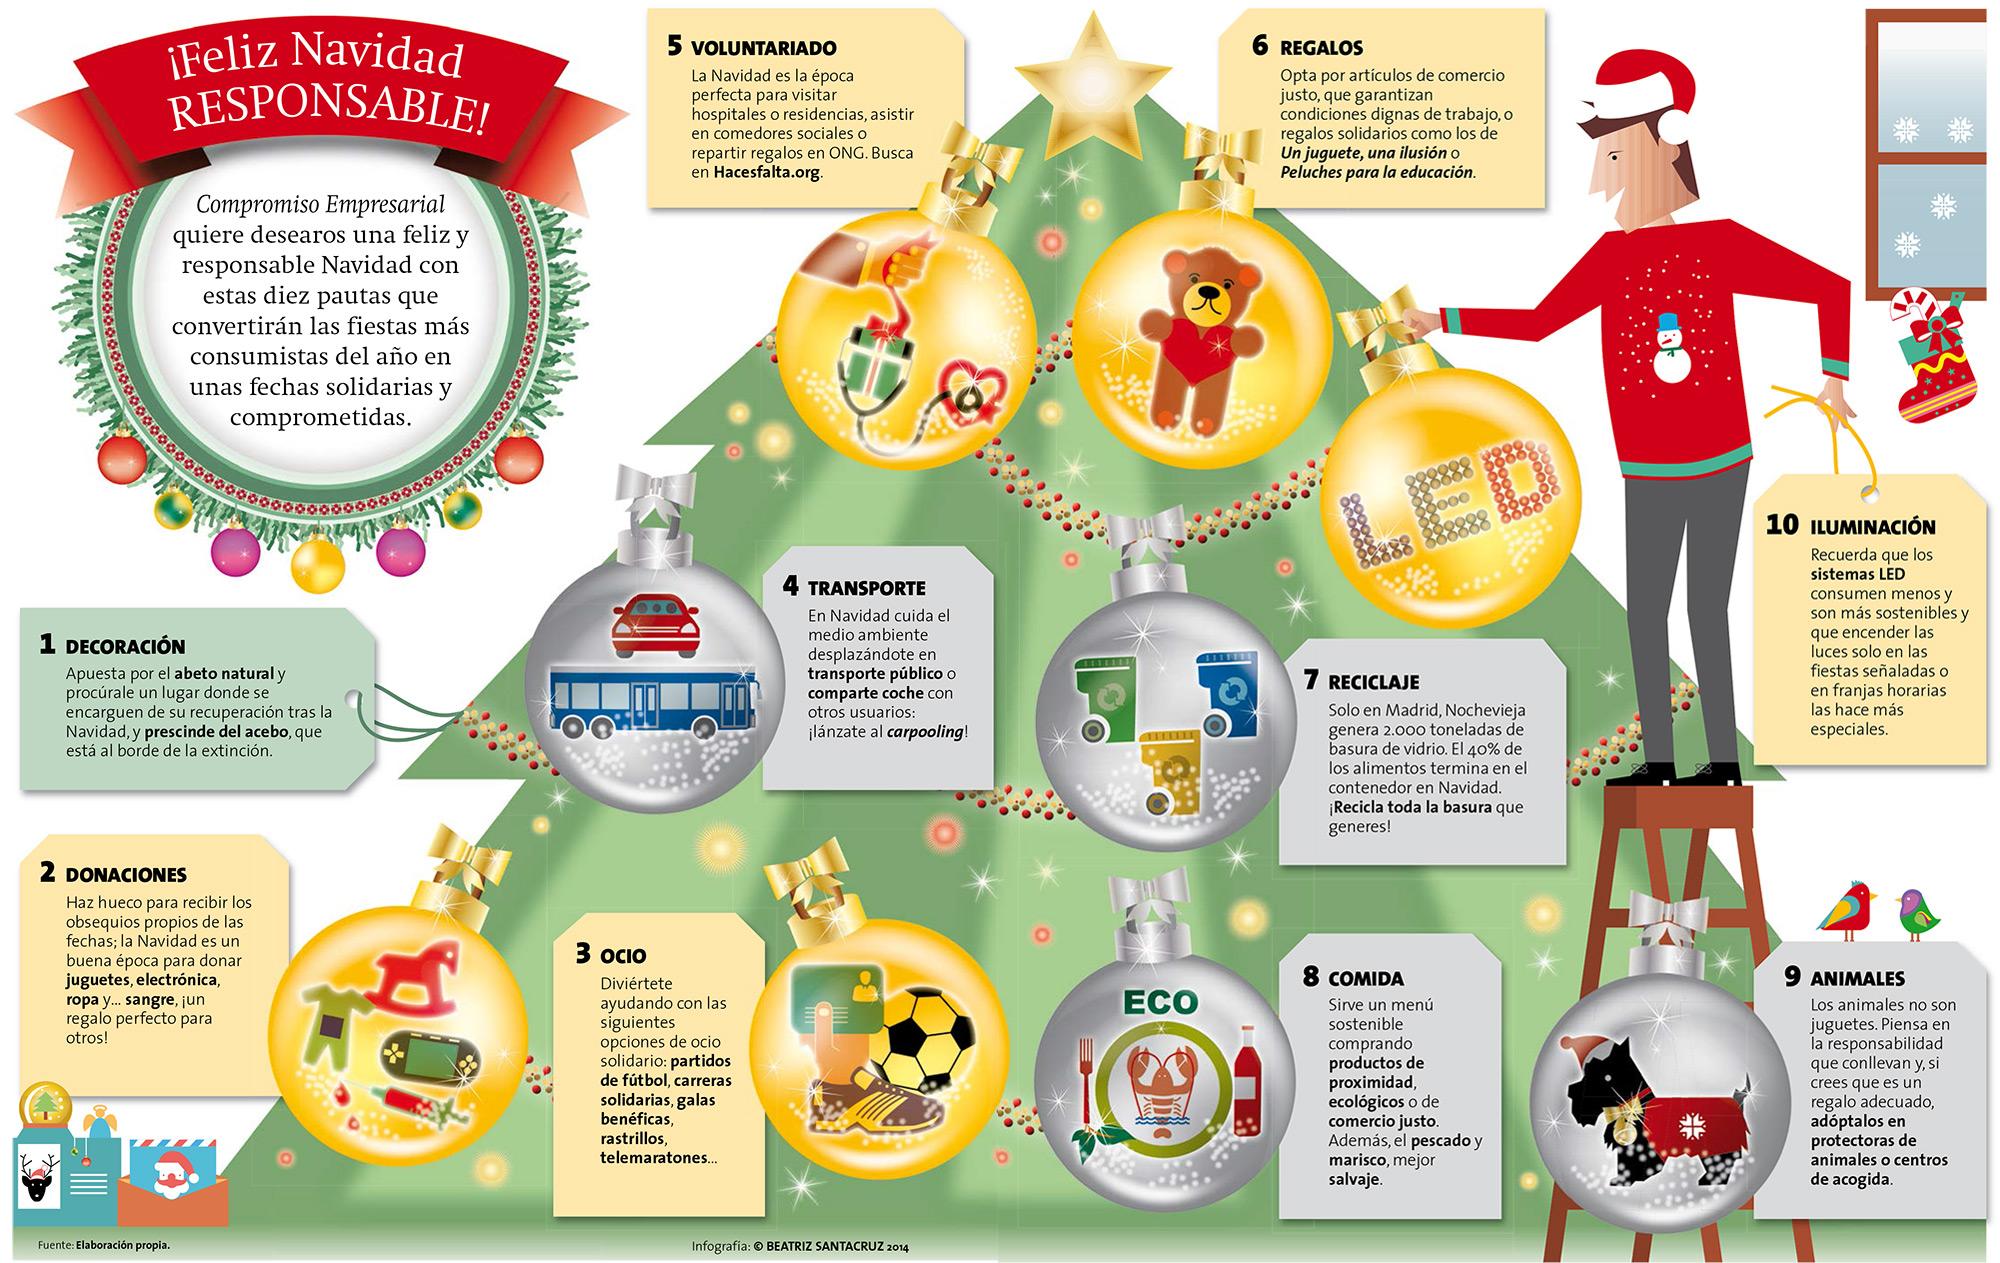 10 pautas para una navidad solidaria